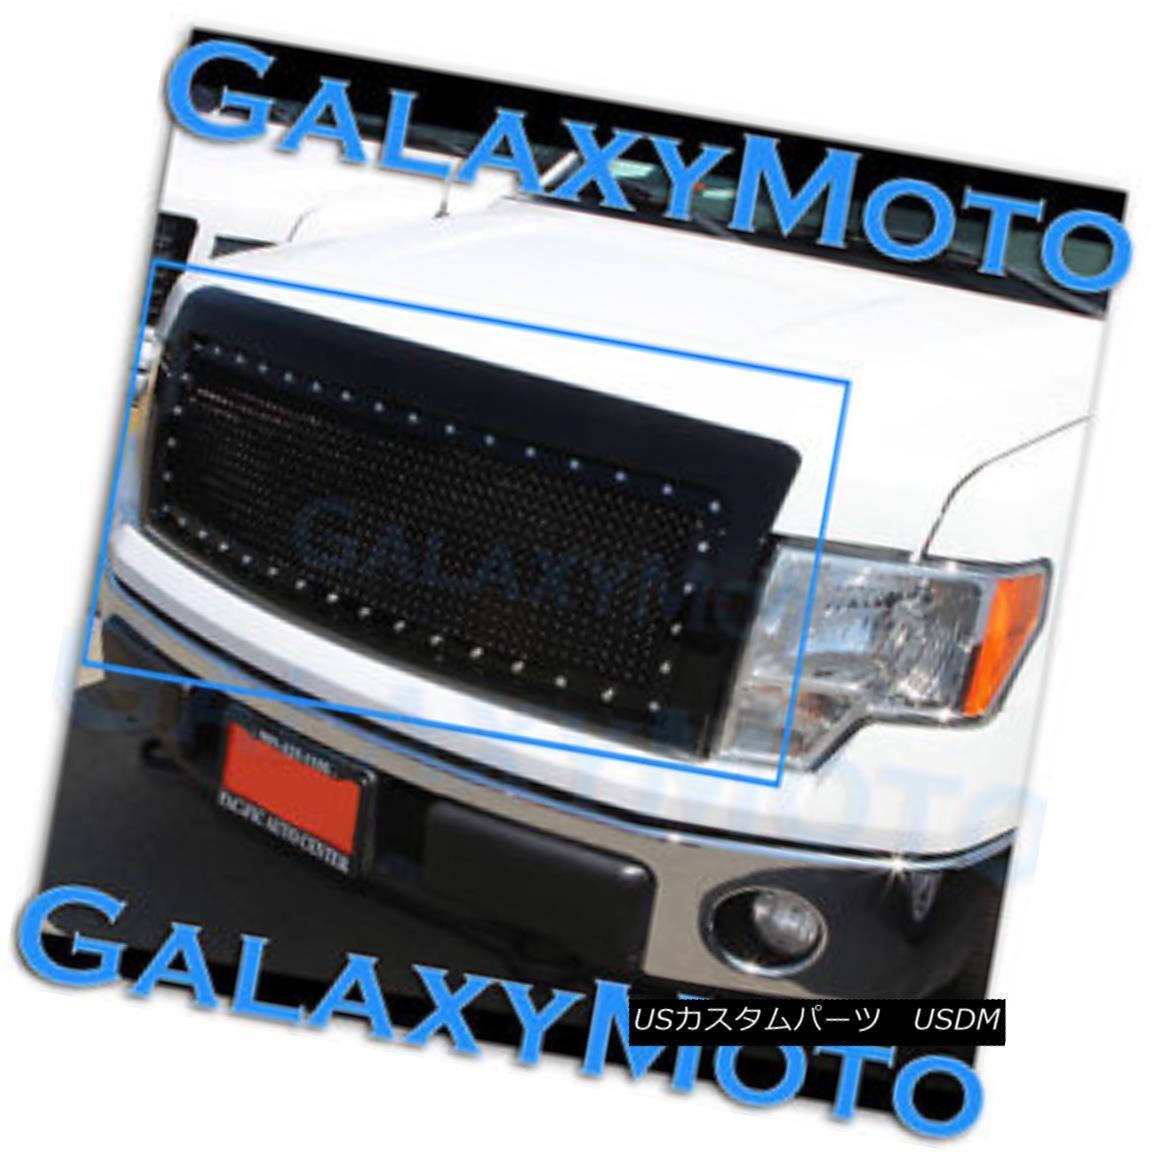 グリル 09-14 Ford F150 Chrome Rivet+All Black Front Hood Complete Mesh Grille+Shell 09-14フォードF150クロムリベット+オールブラックフロントフードメッシュグリル+シェル